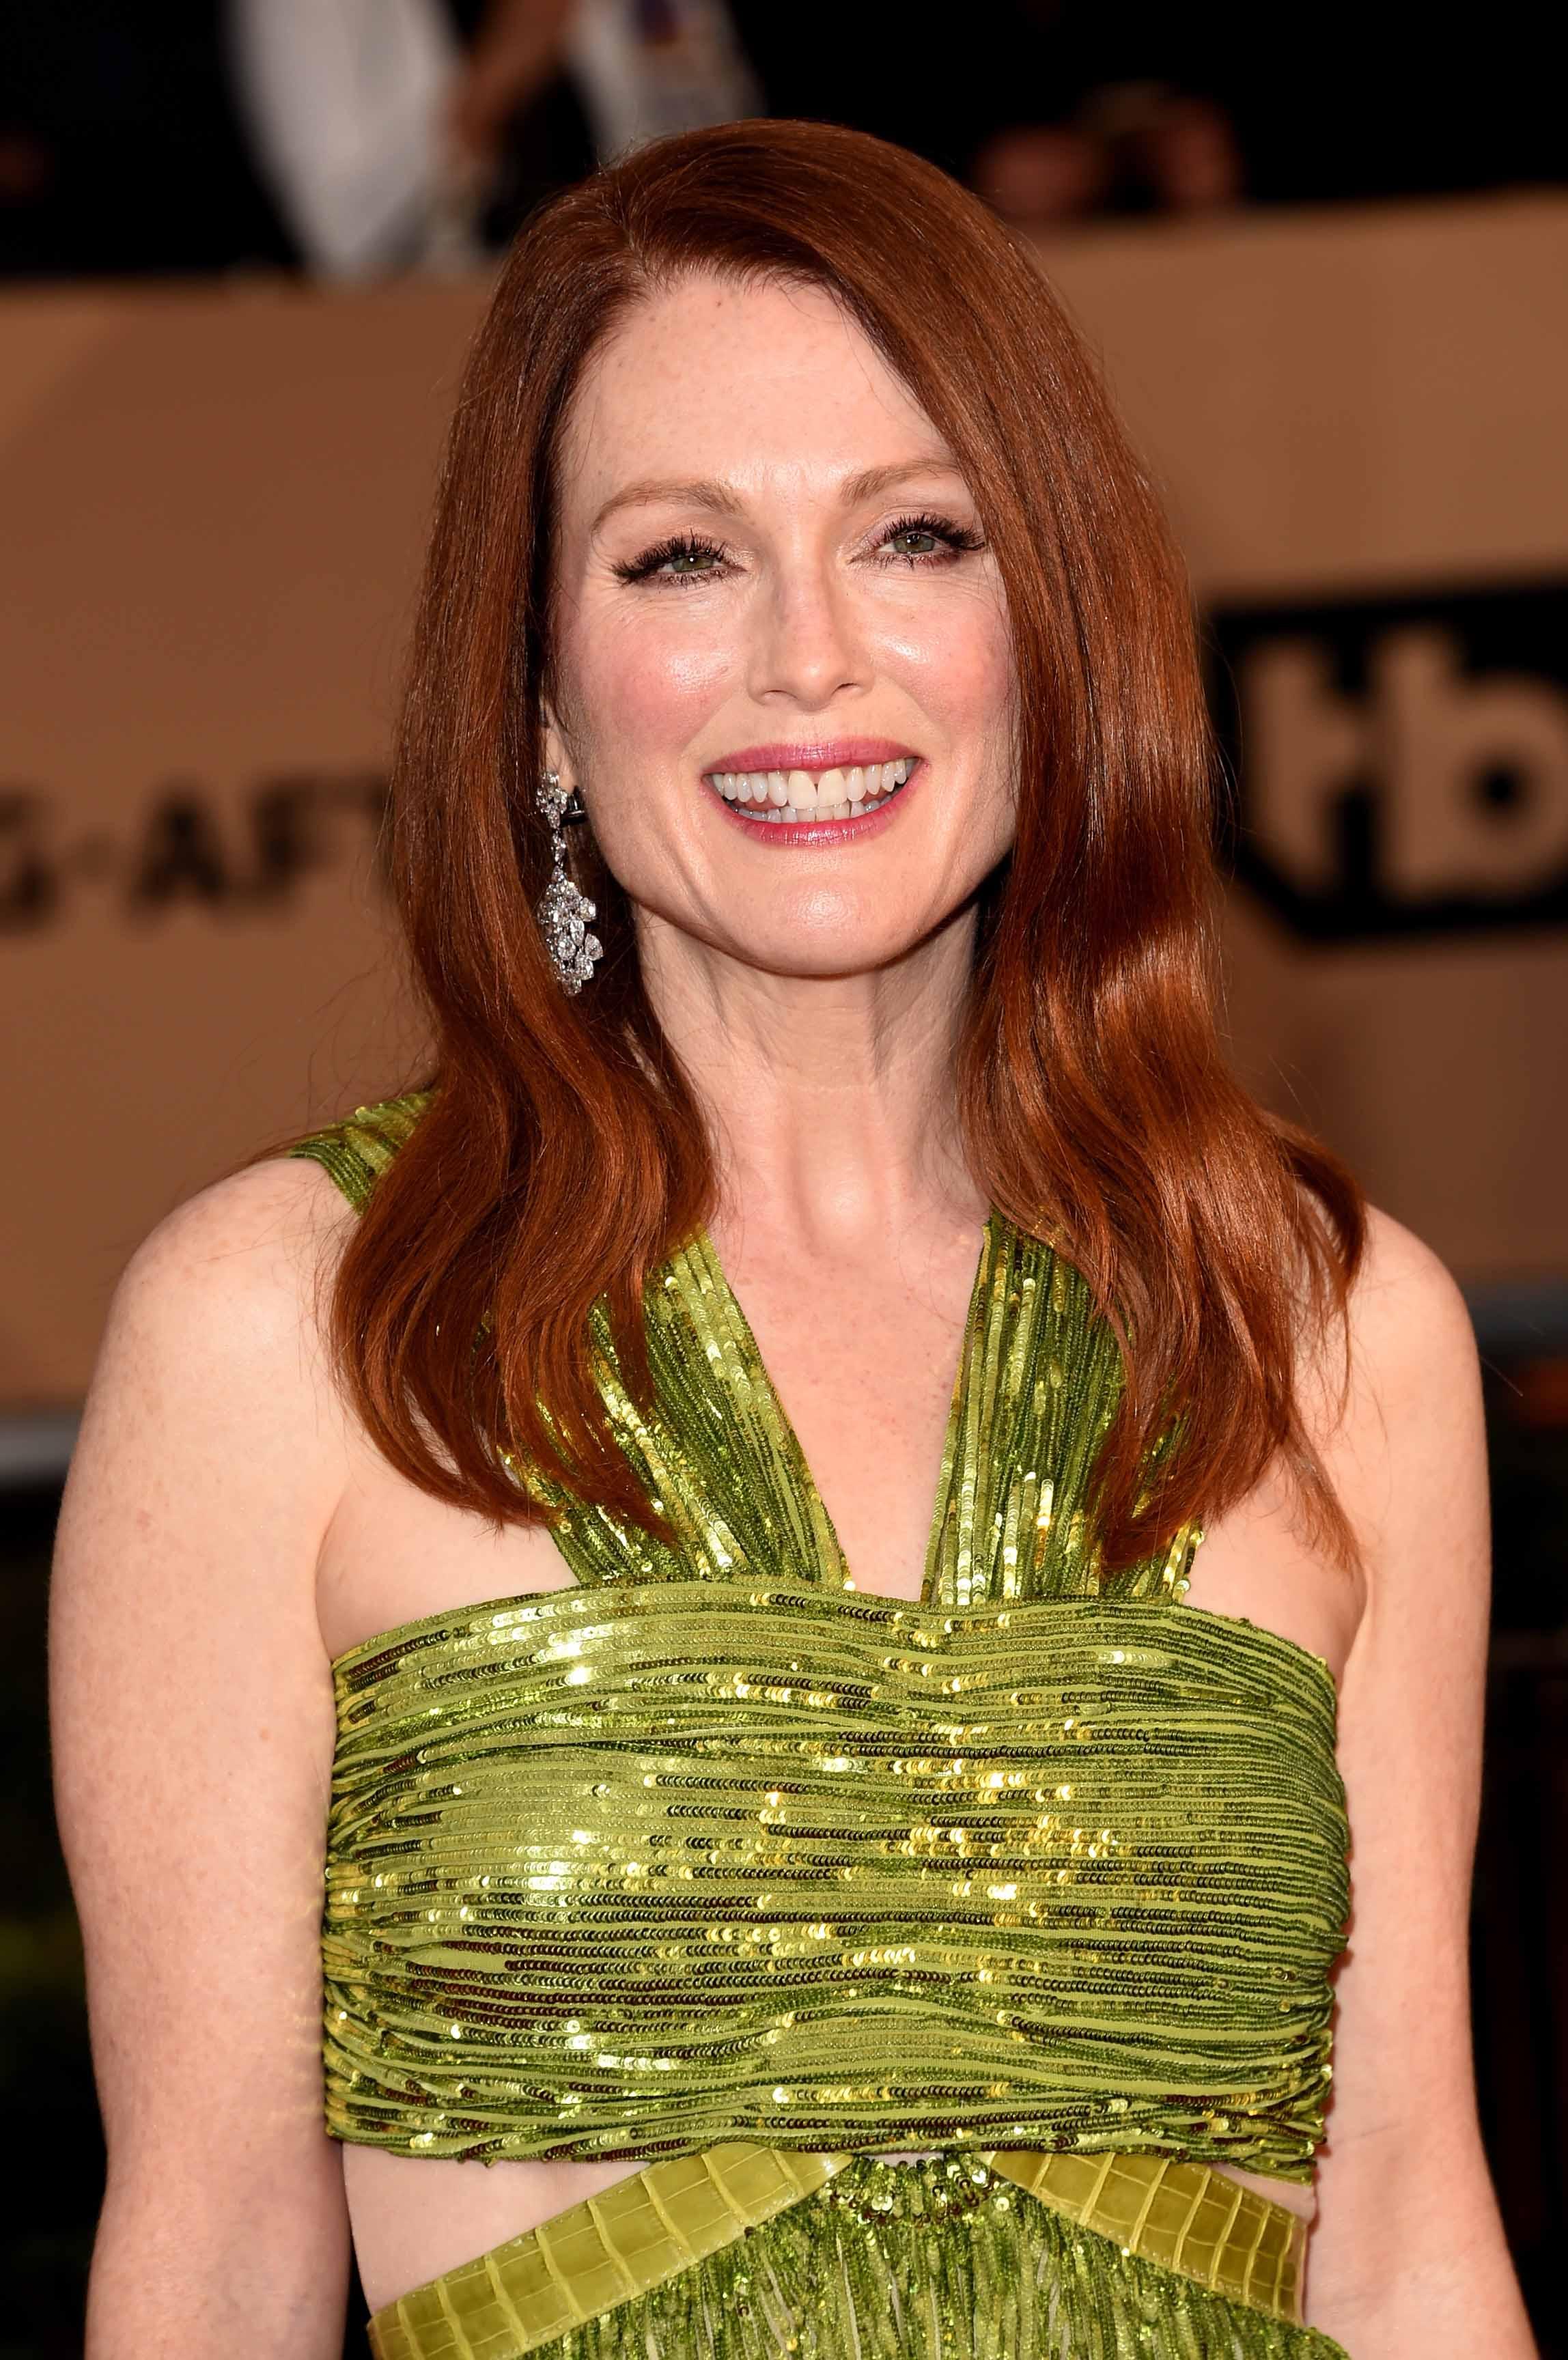 Les rousses célèbres : Julianne Moore avec des cheveux roux ondulés de longueur moyenne, portant une robe verte.